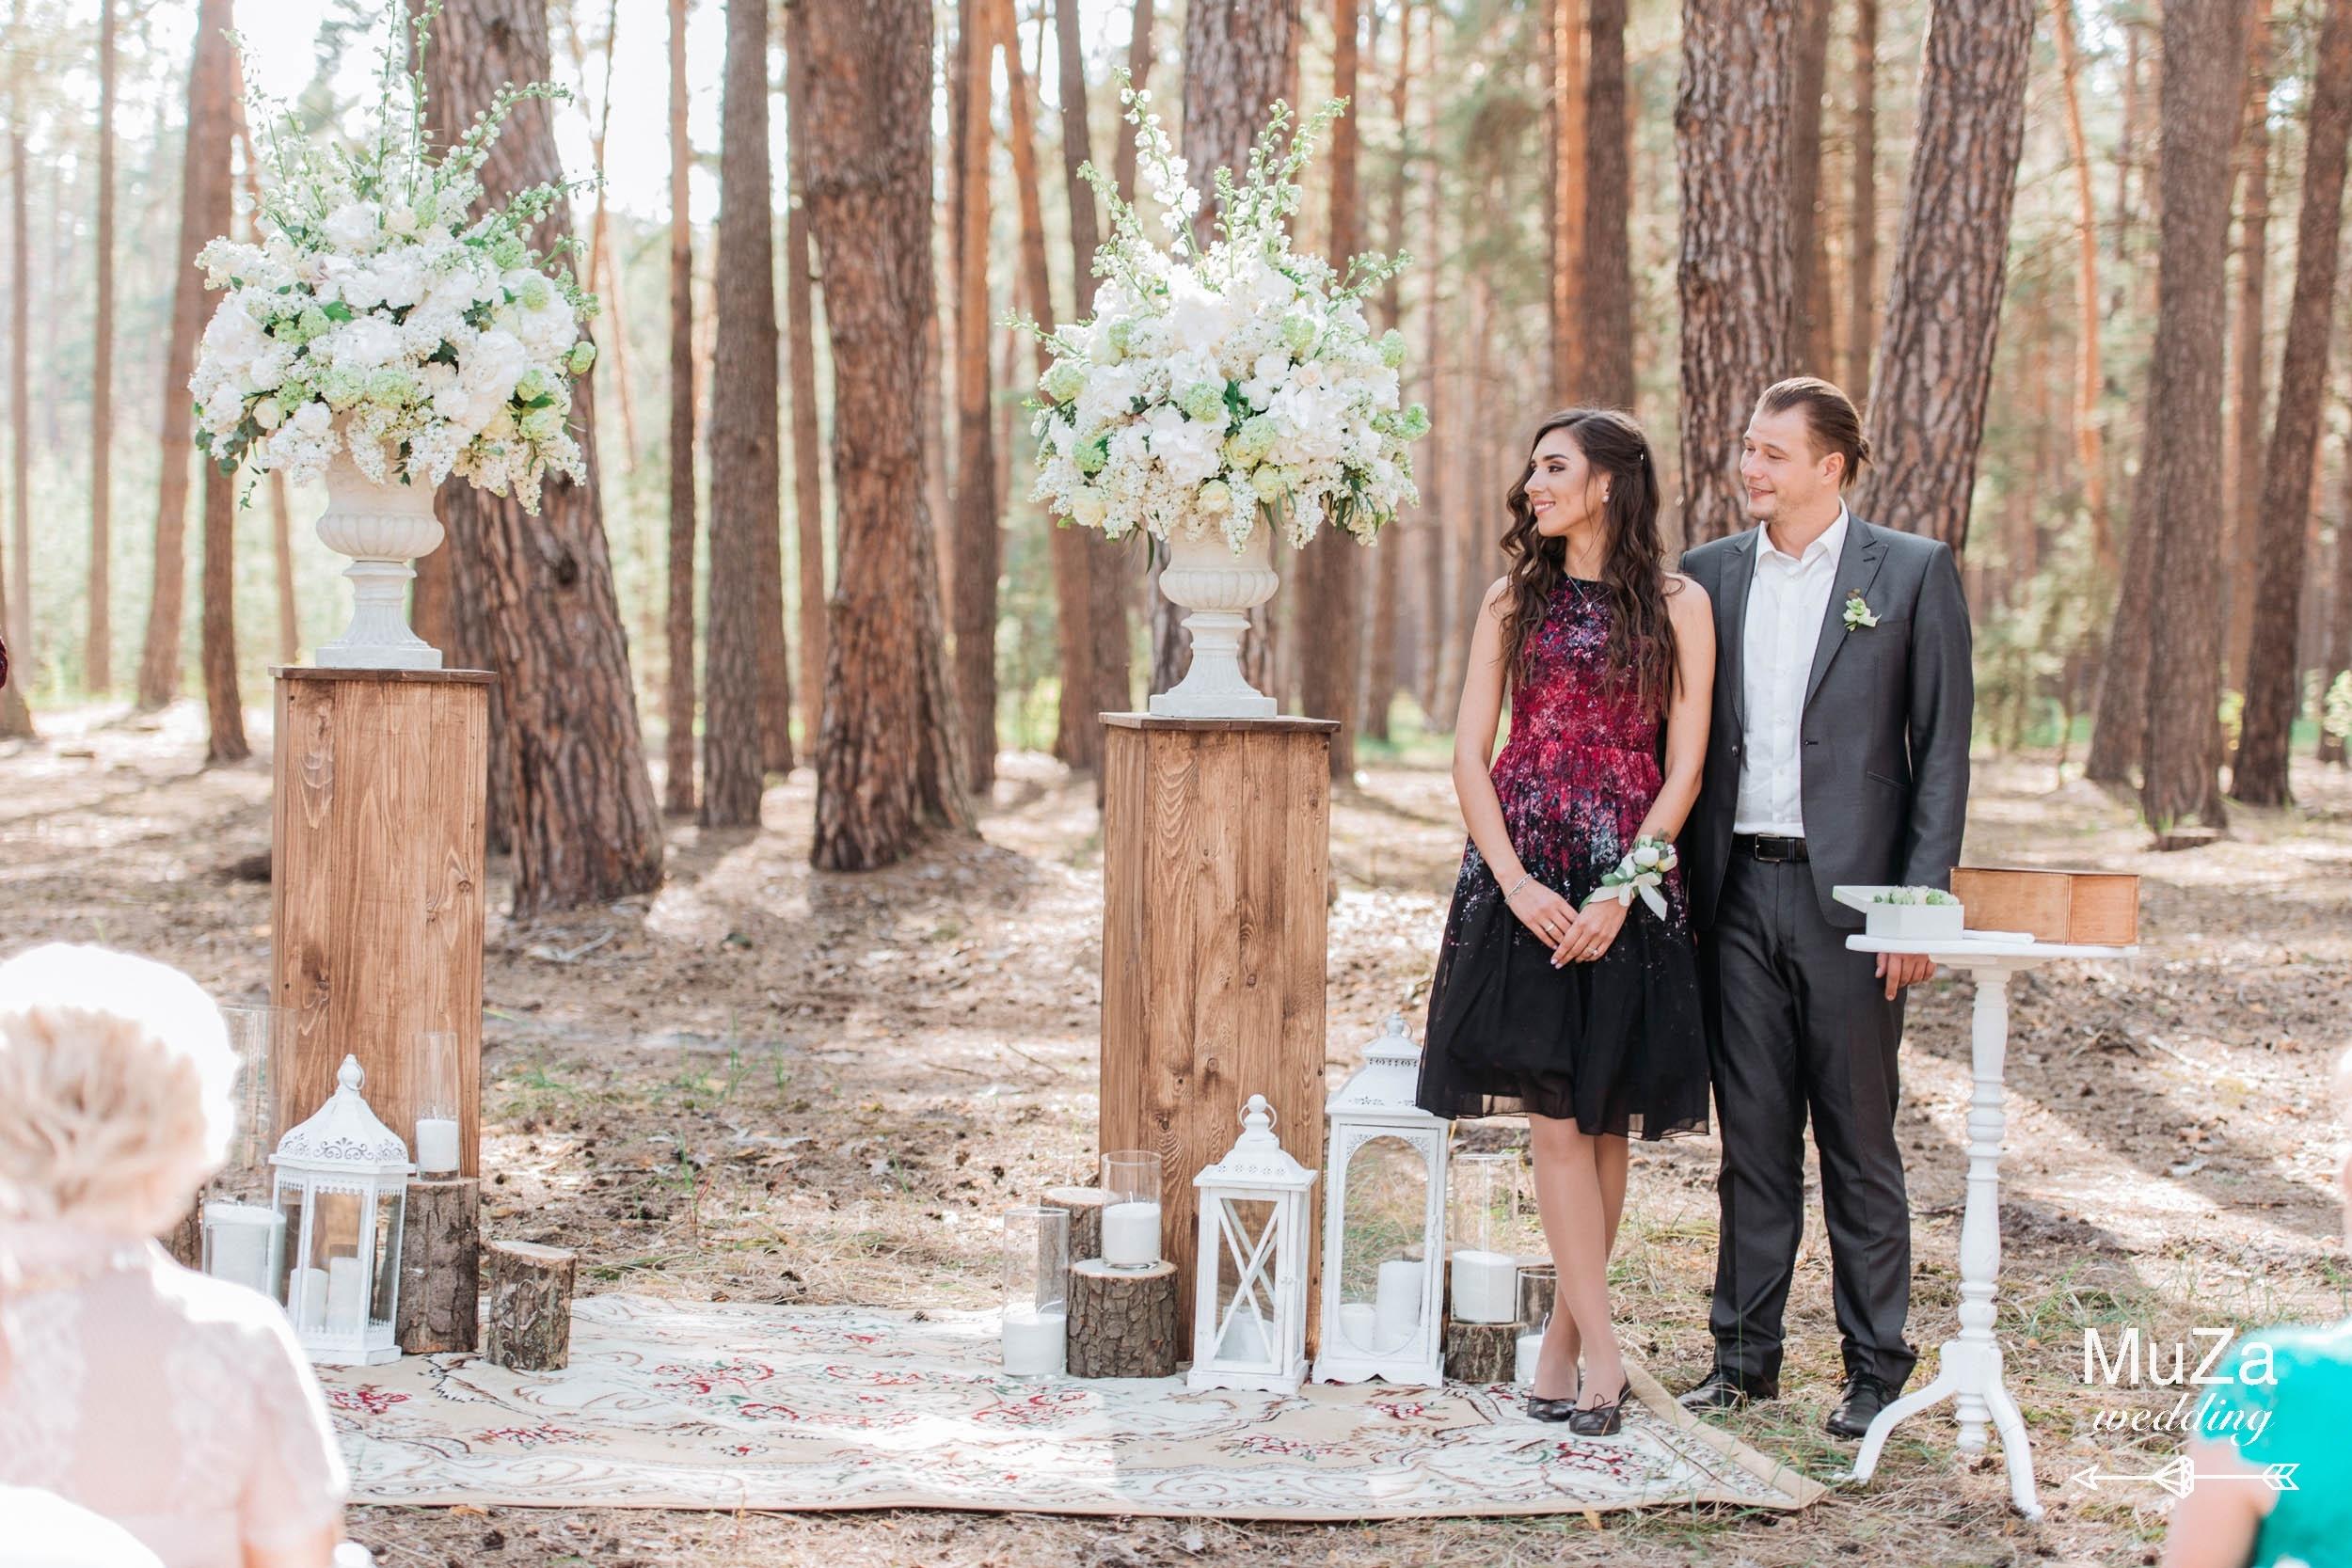 красивая свадебная церемония Киев